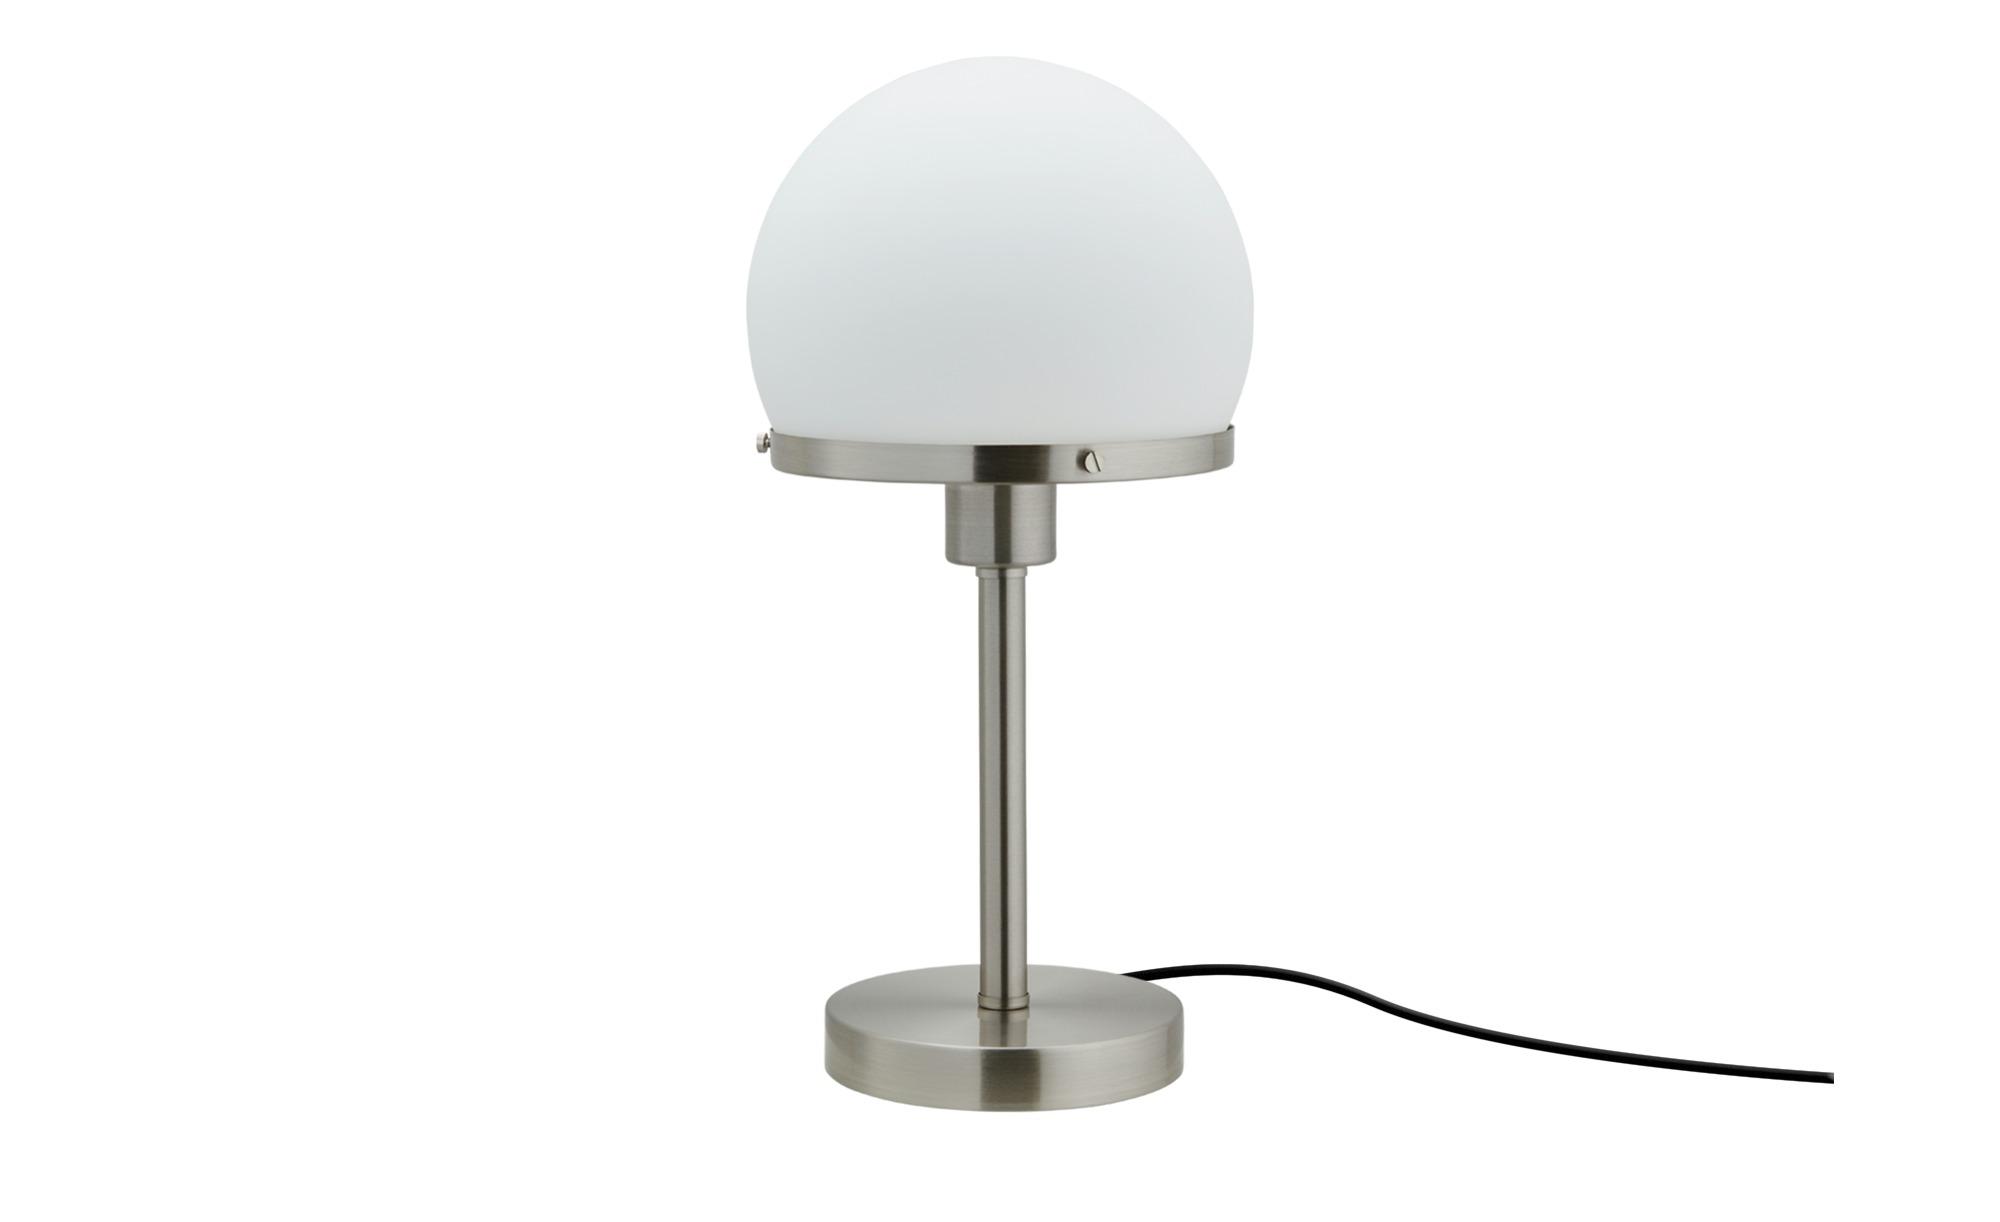 KHG Tischleuchte, Nickel matt ¦ silber ¦ Maße (cm): H: 39 Ø: 19.5 Lampen & Leuchten > Innenleuchten > Tischlampen - Höffner